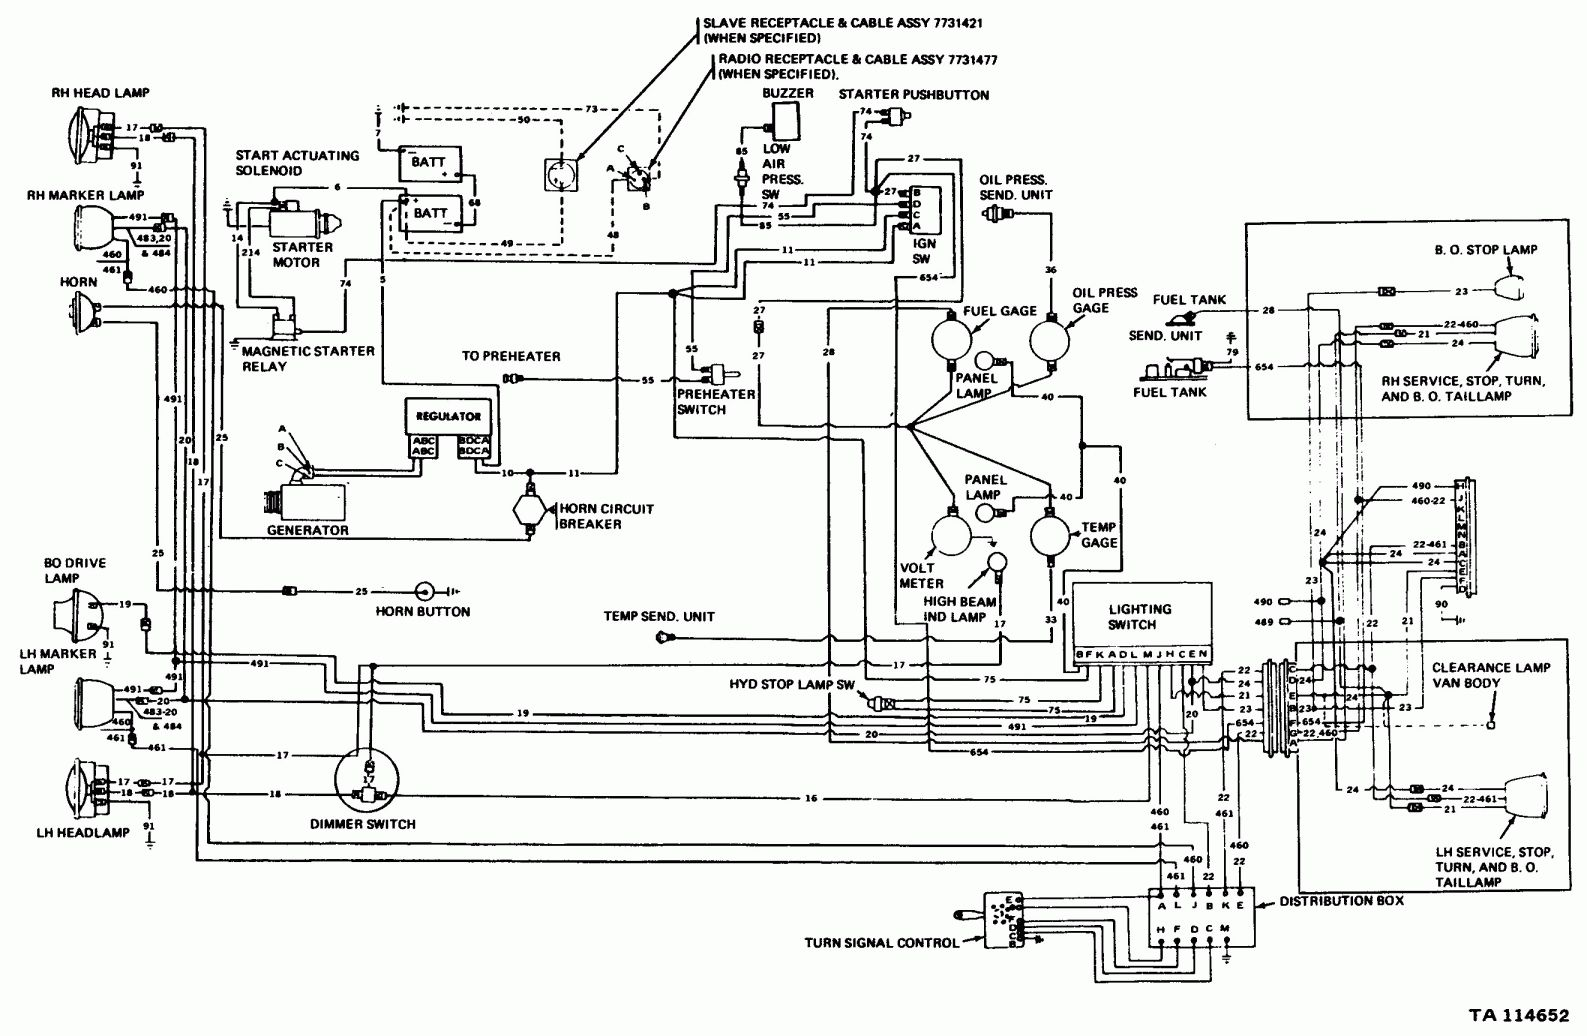 15 2009 Mack Truck Fuse Diagram Truck Diagram Wiringg Net Electrical Diagram Mack Trucks Diagram